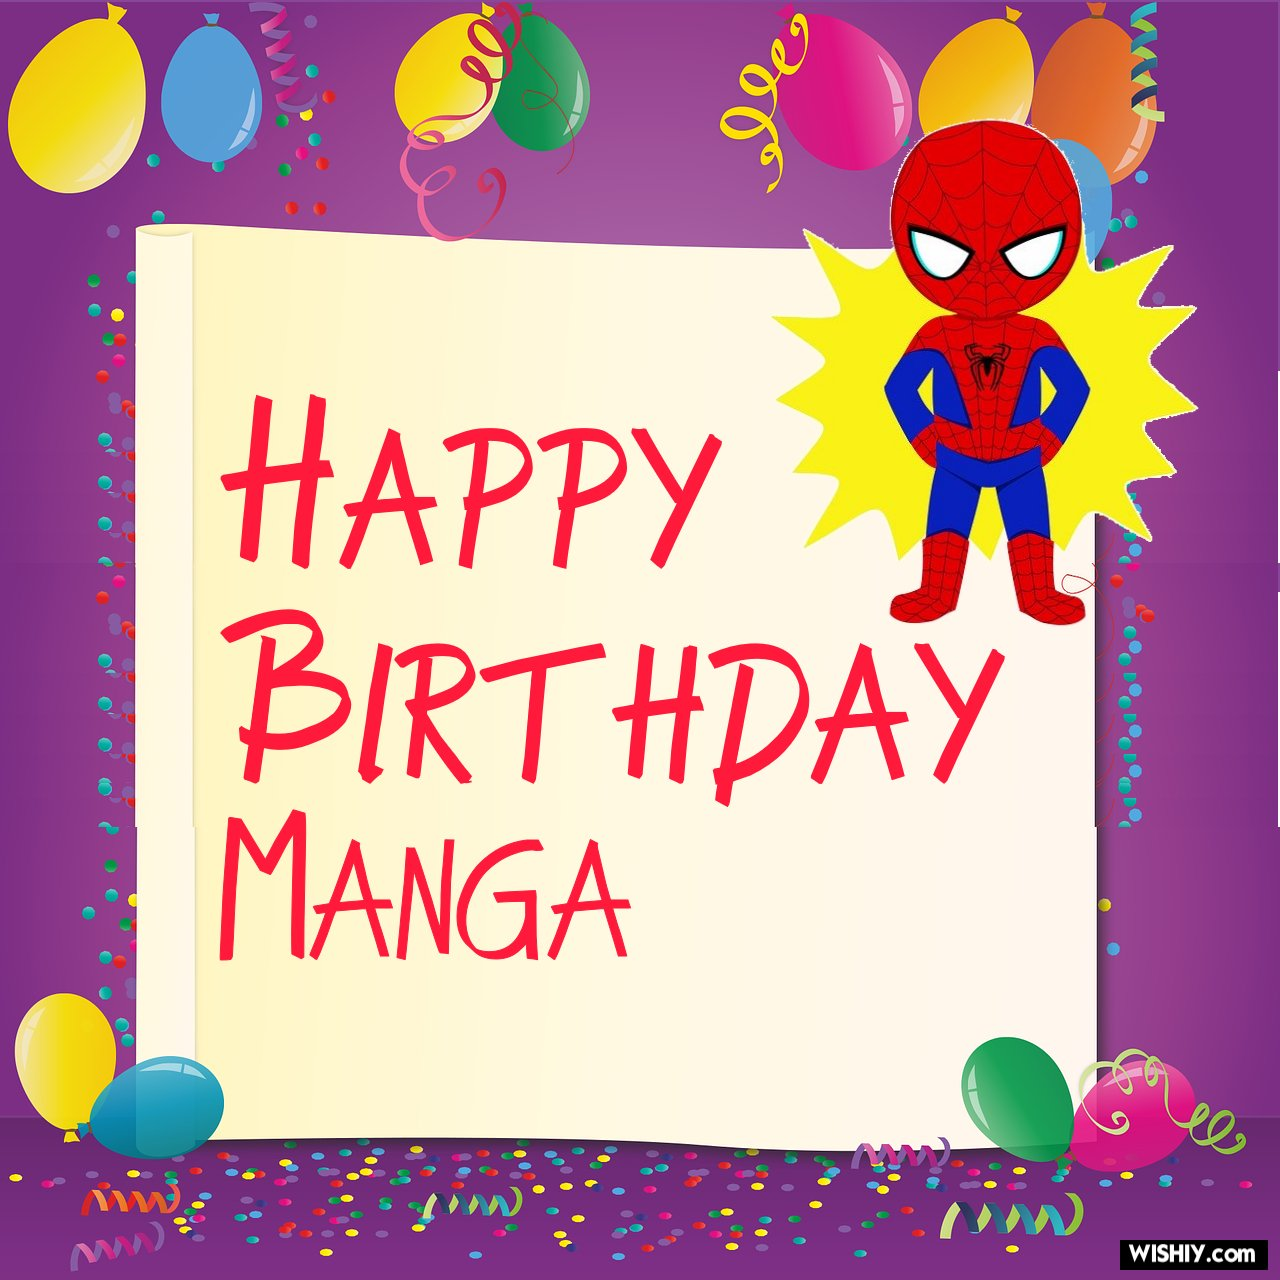 50 Meilleur Anniversaire Images Pour Manga Telechargement Instantane 2020